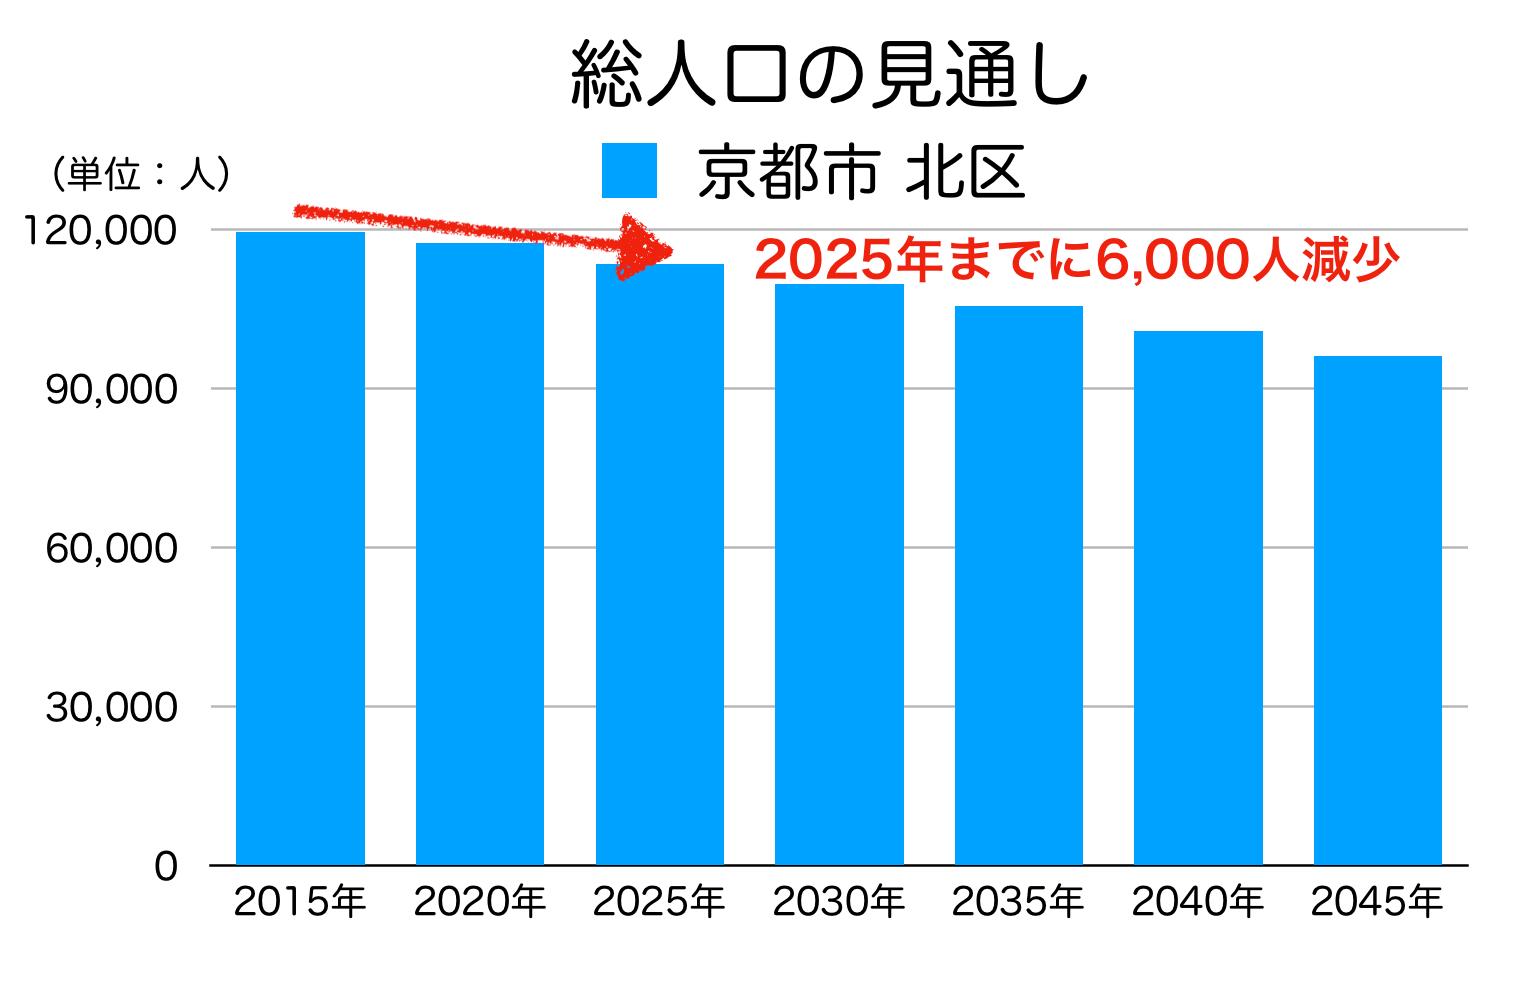 京都市北区の人口予測